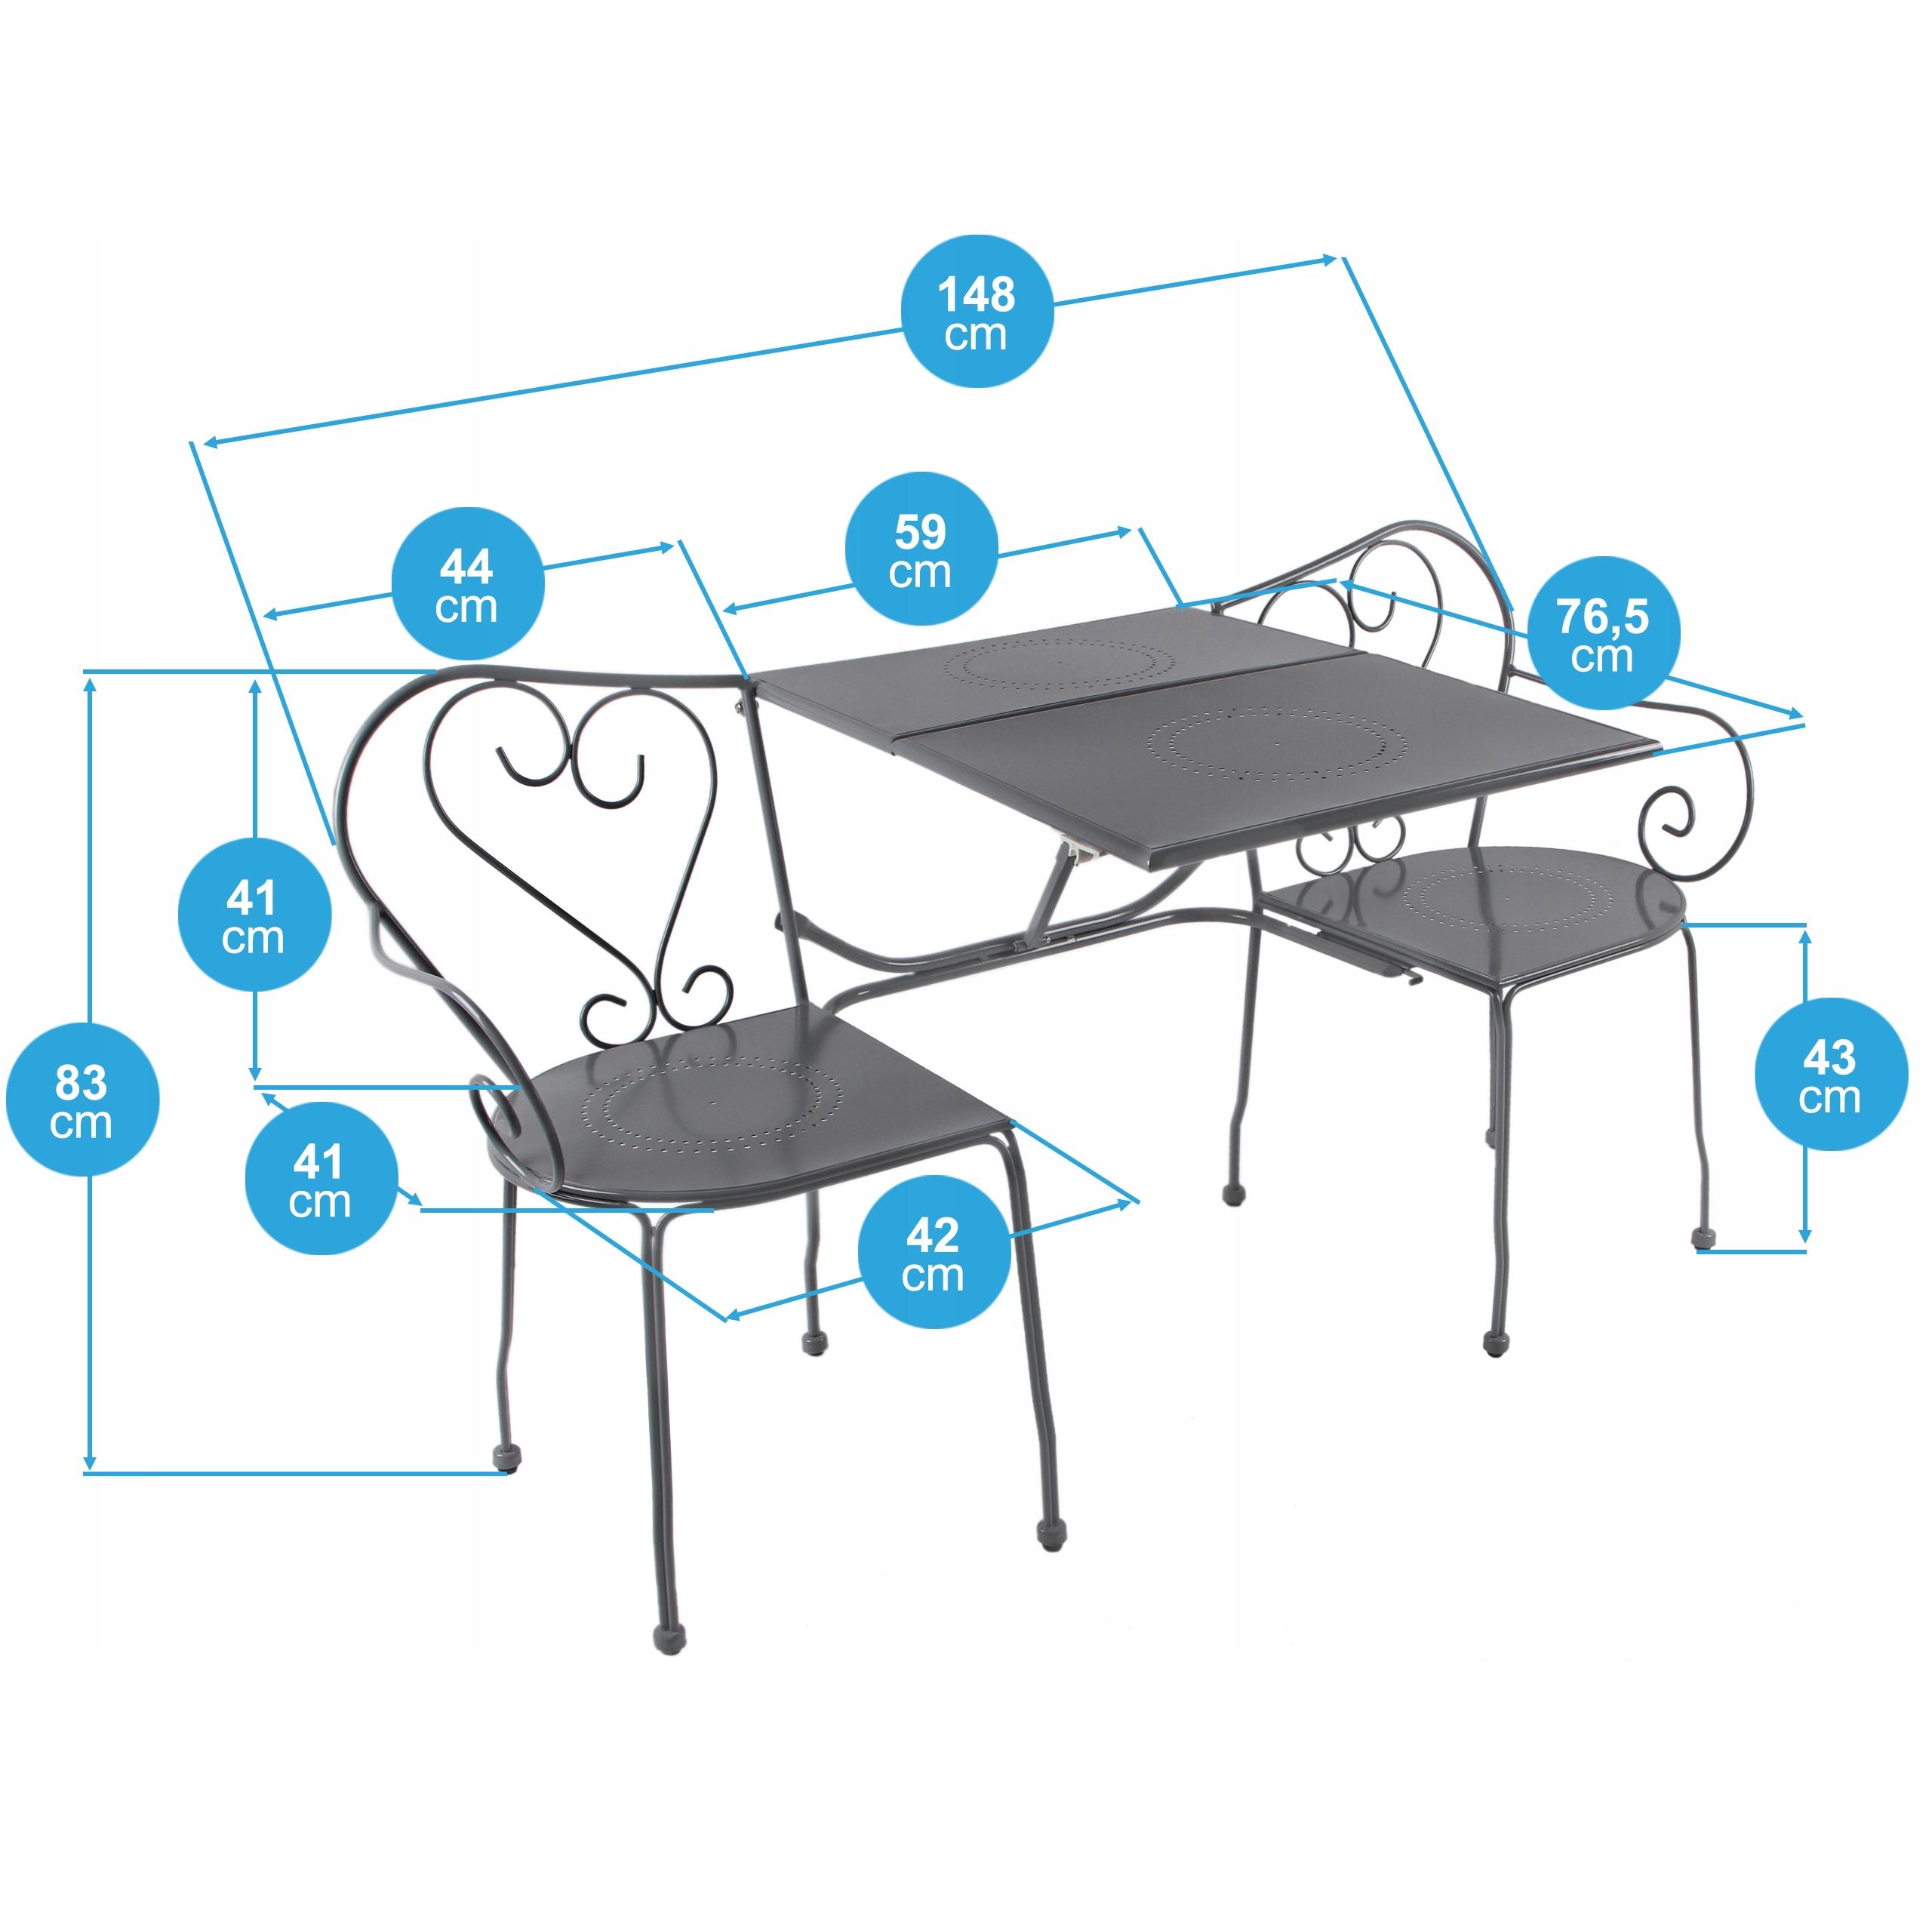 Záhradný nábytok Sada stoličkových stoličiek 3v1 Počet osôb 3